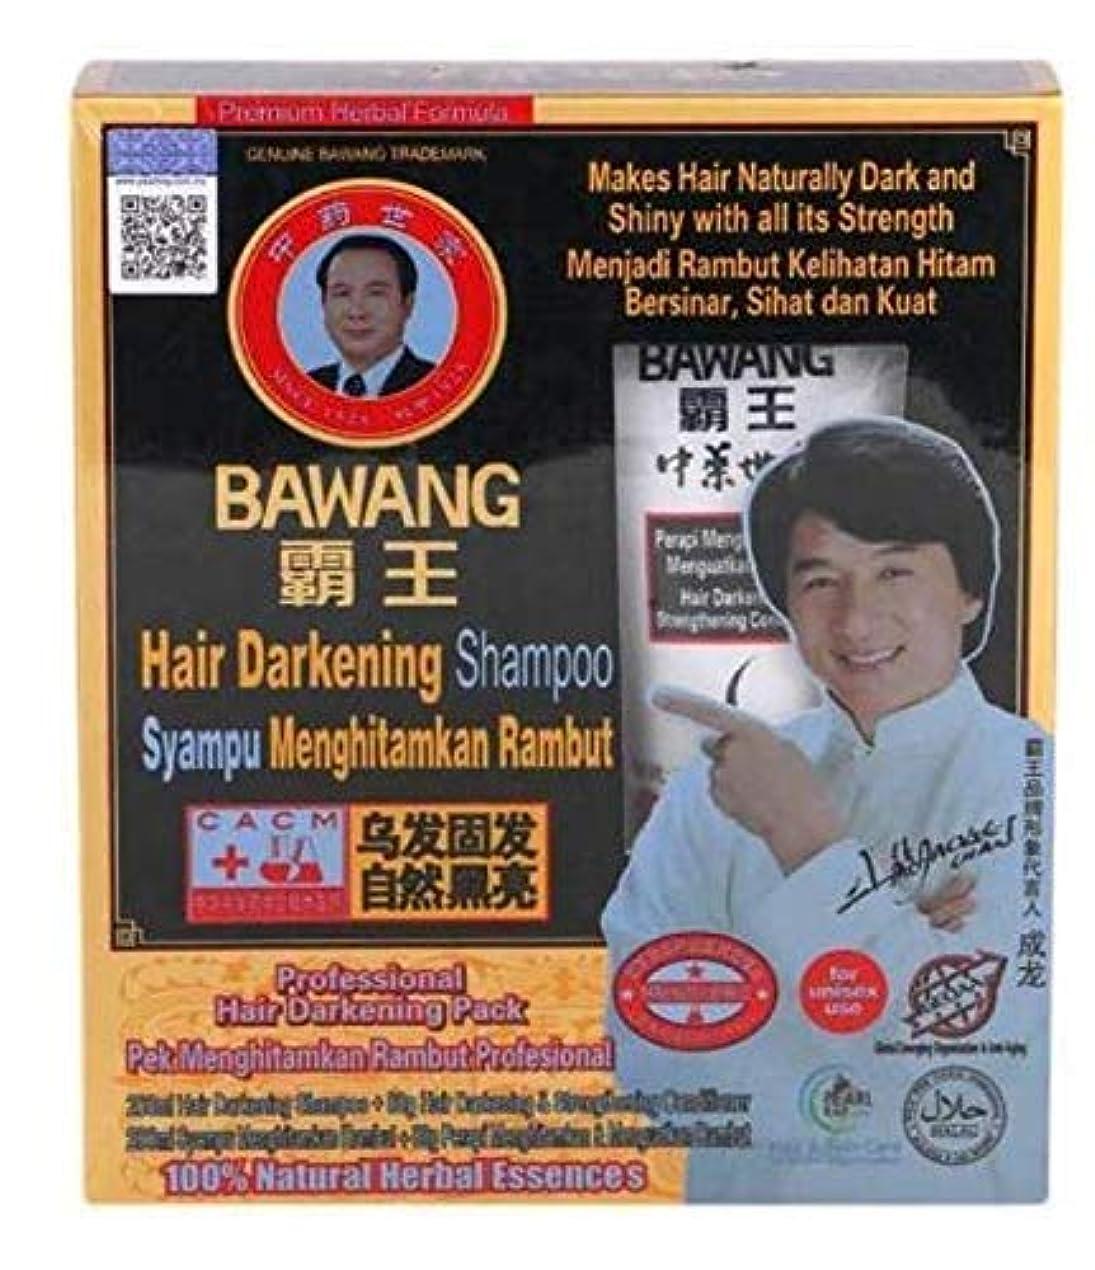 結び目料理をするピザBAWANG プロフェッショナル髪黒い袋200ミリリットル+ 80グラム